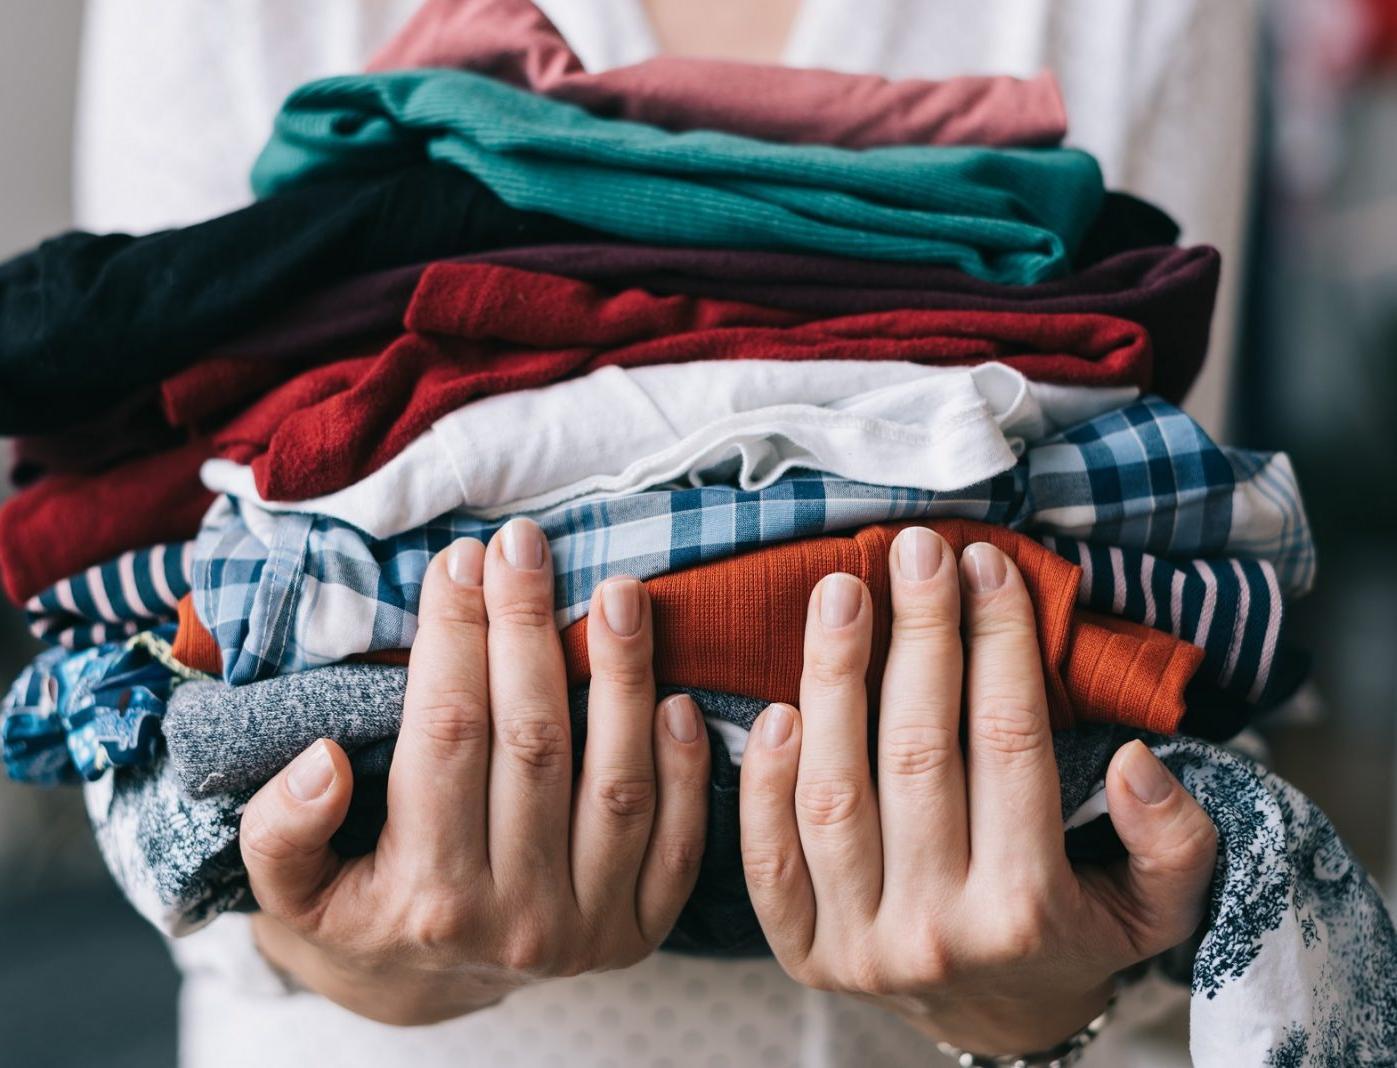 На самоизоляции москвичи стали выбрасывать больше одежды и текстиля